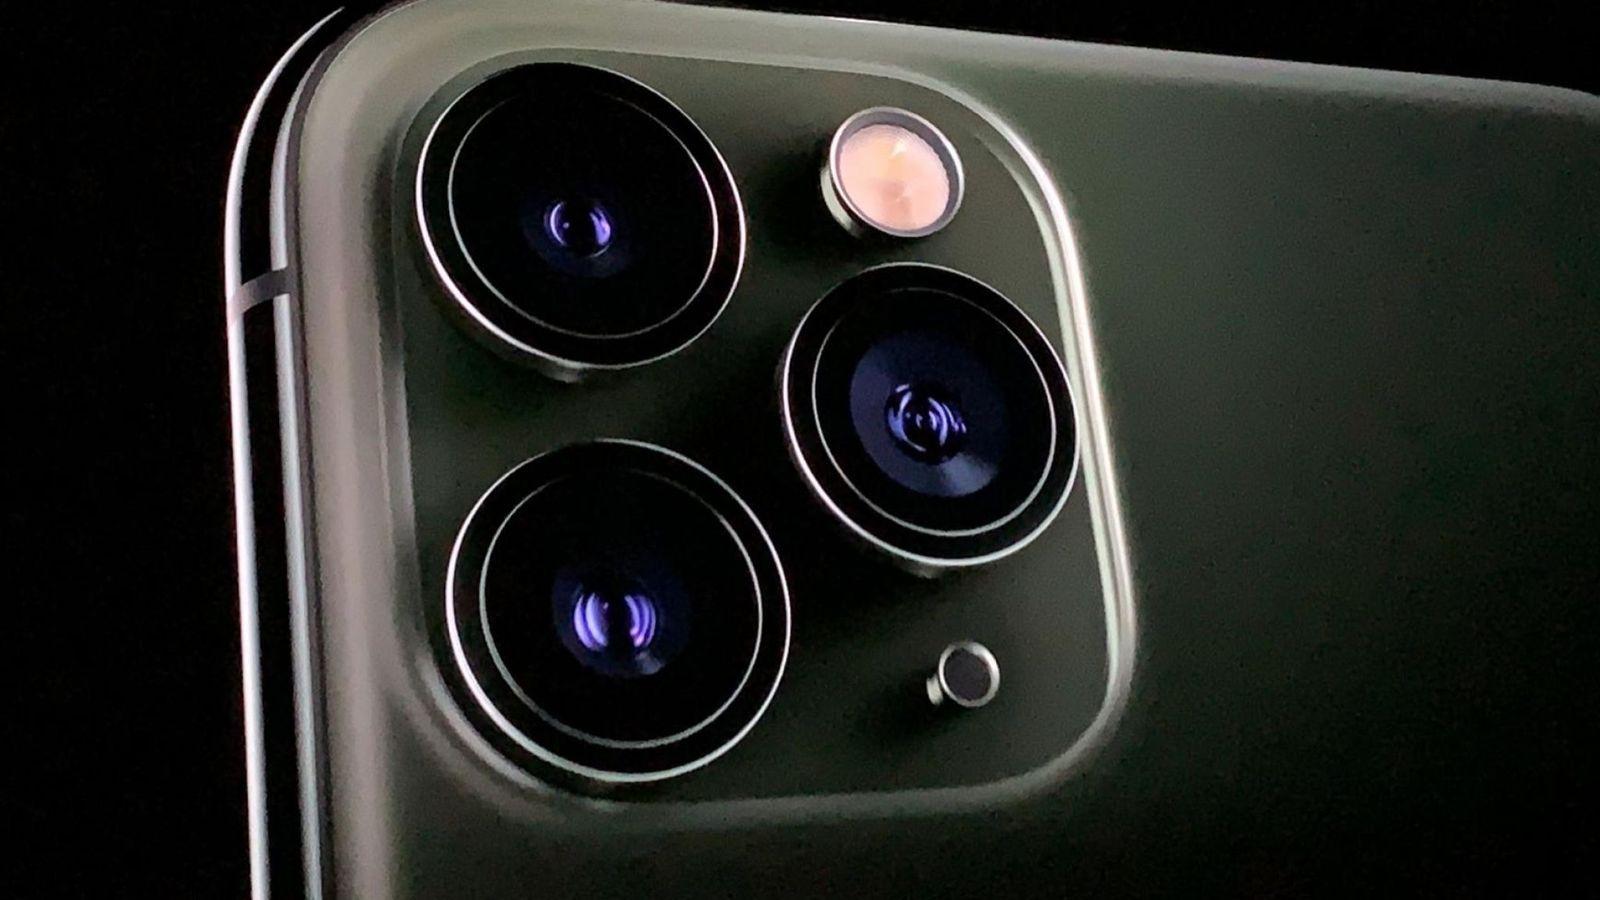 الكشف عن هواتف iPhone 11 الجديدة بمفاجأة ظهور أول هواتف Pro من Apple